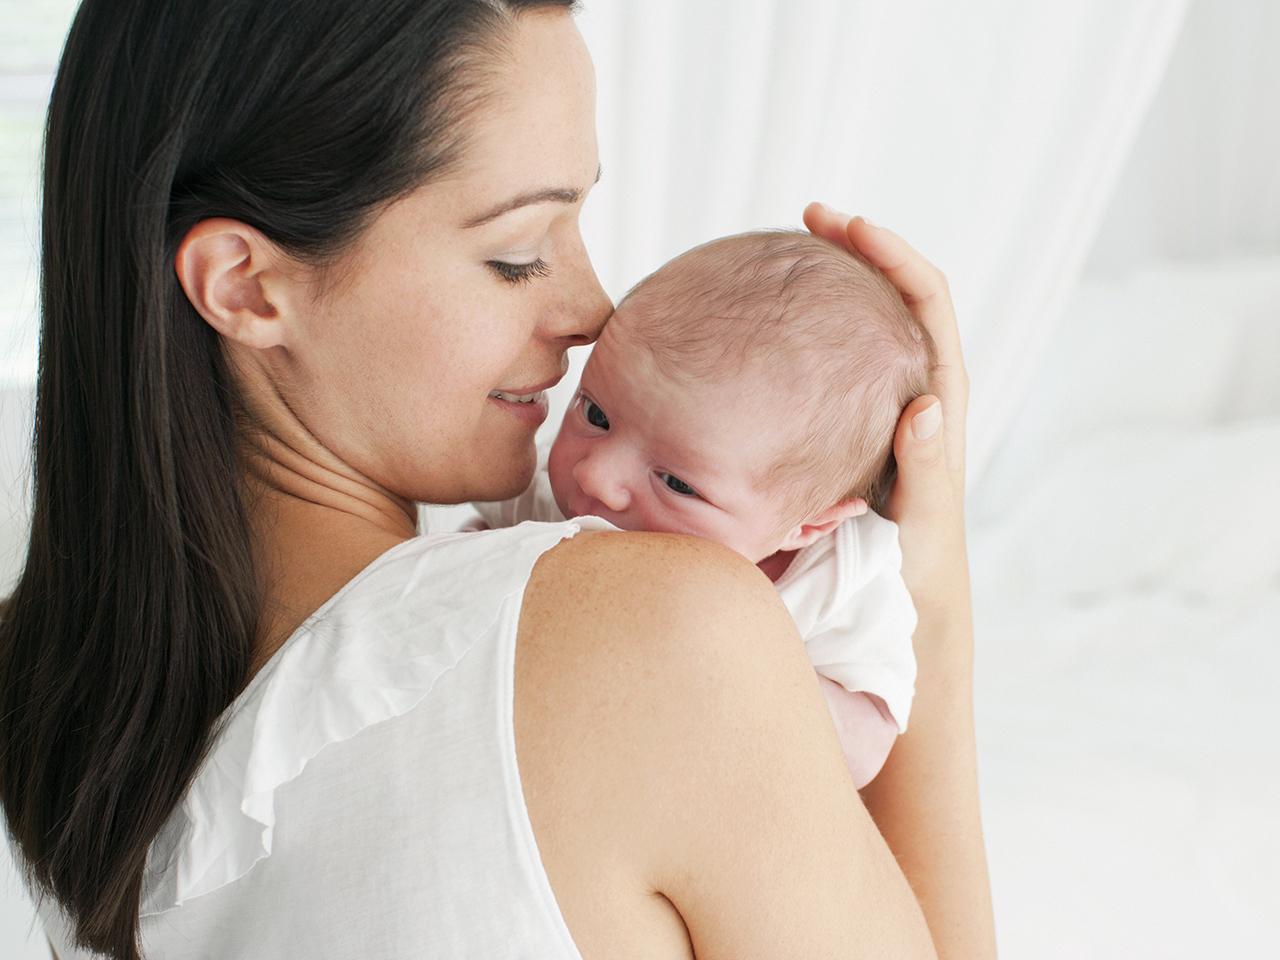 Chia sẻ kinh nghiệm nuôi con khoa học của mẹ bỉm sữa (Phần 2)